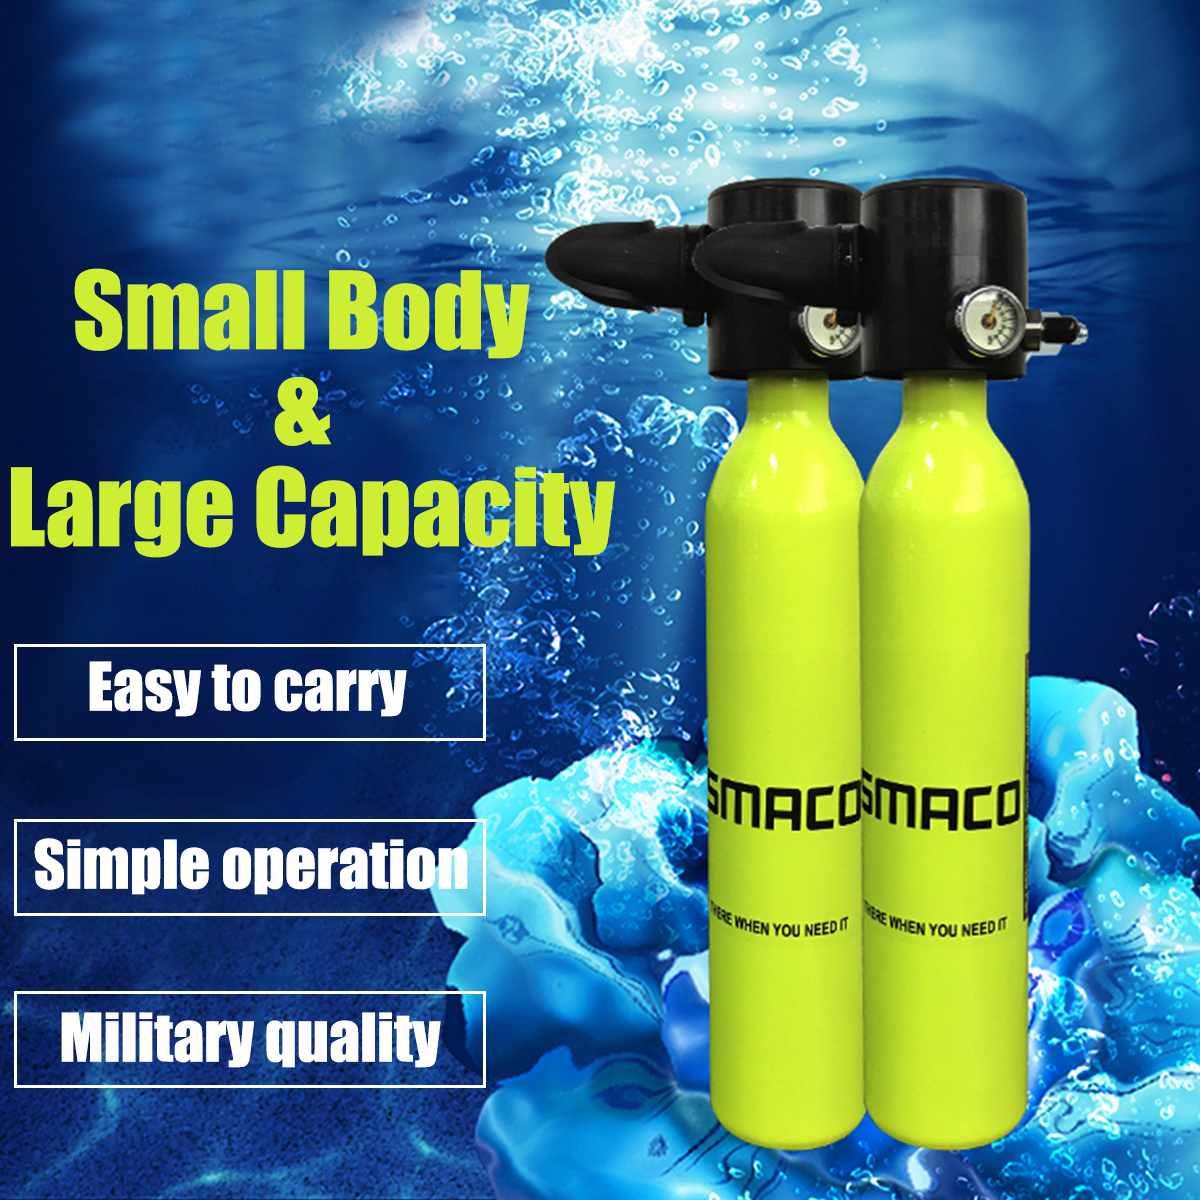 D'oxygène plongée sous-marine les Réservoirs D'air Adaptateur Pompe En Aluminium Boîte Snorkeling Appareil Respiratoire Sous-Marin Plongée Détendeur Cylindre